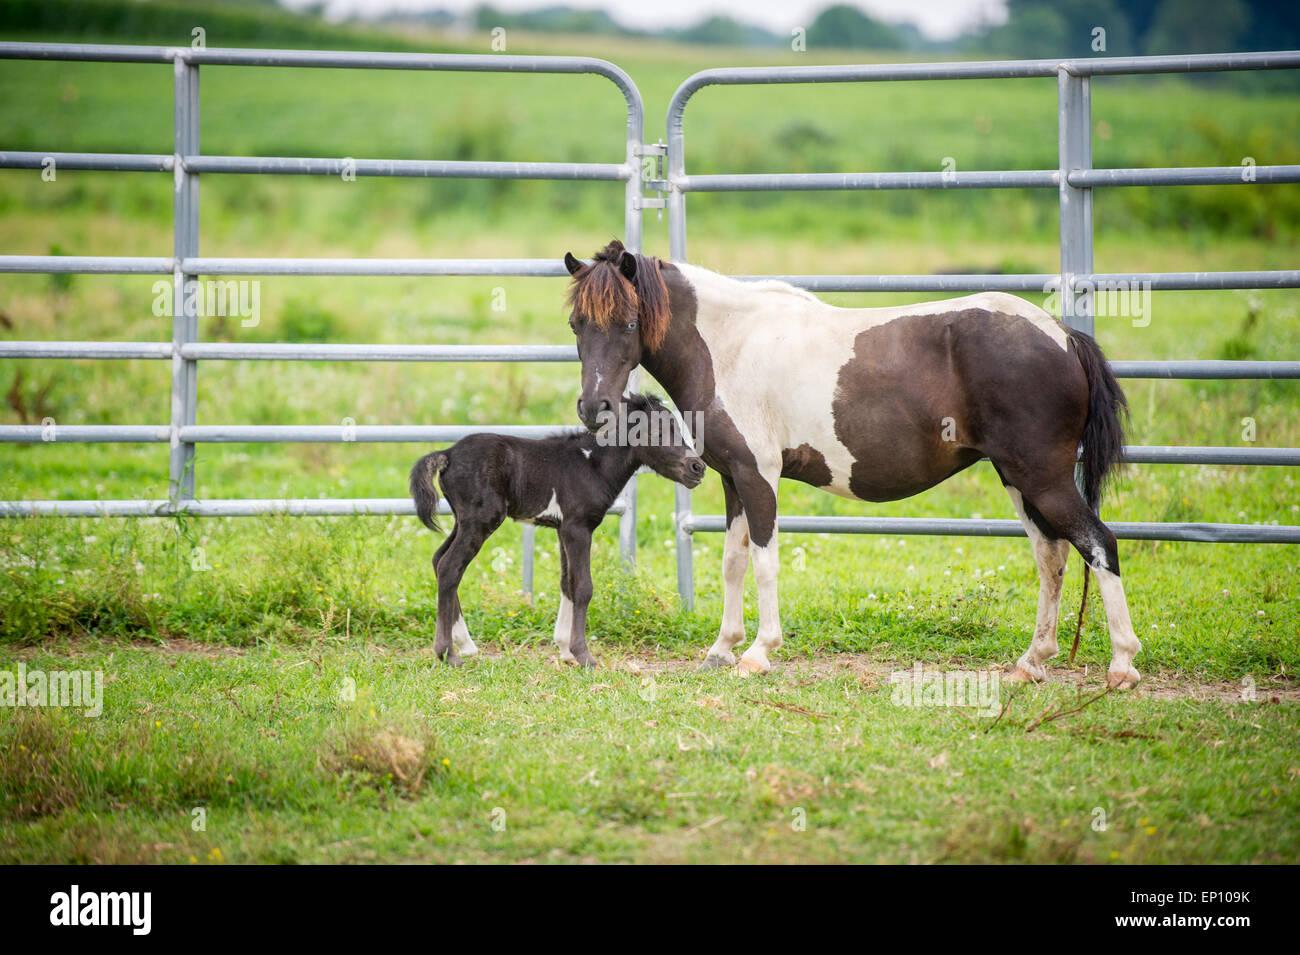 Mère cheval avec son poulain près de Hurlock, Maryland, USA, debout près d'une clôture haute Photo Stock